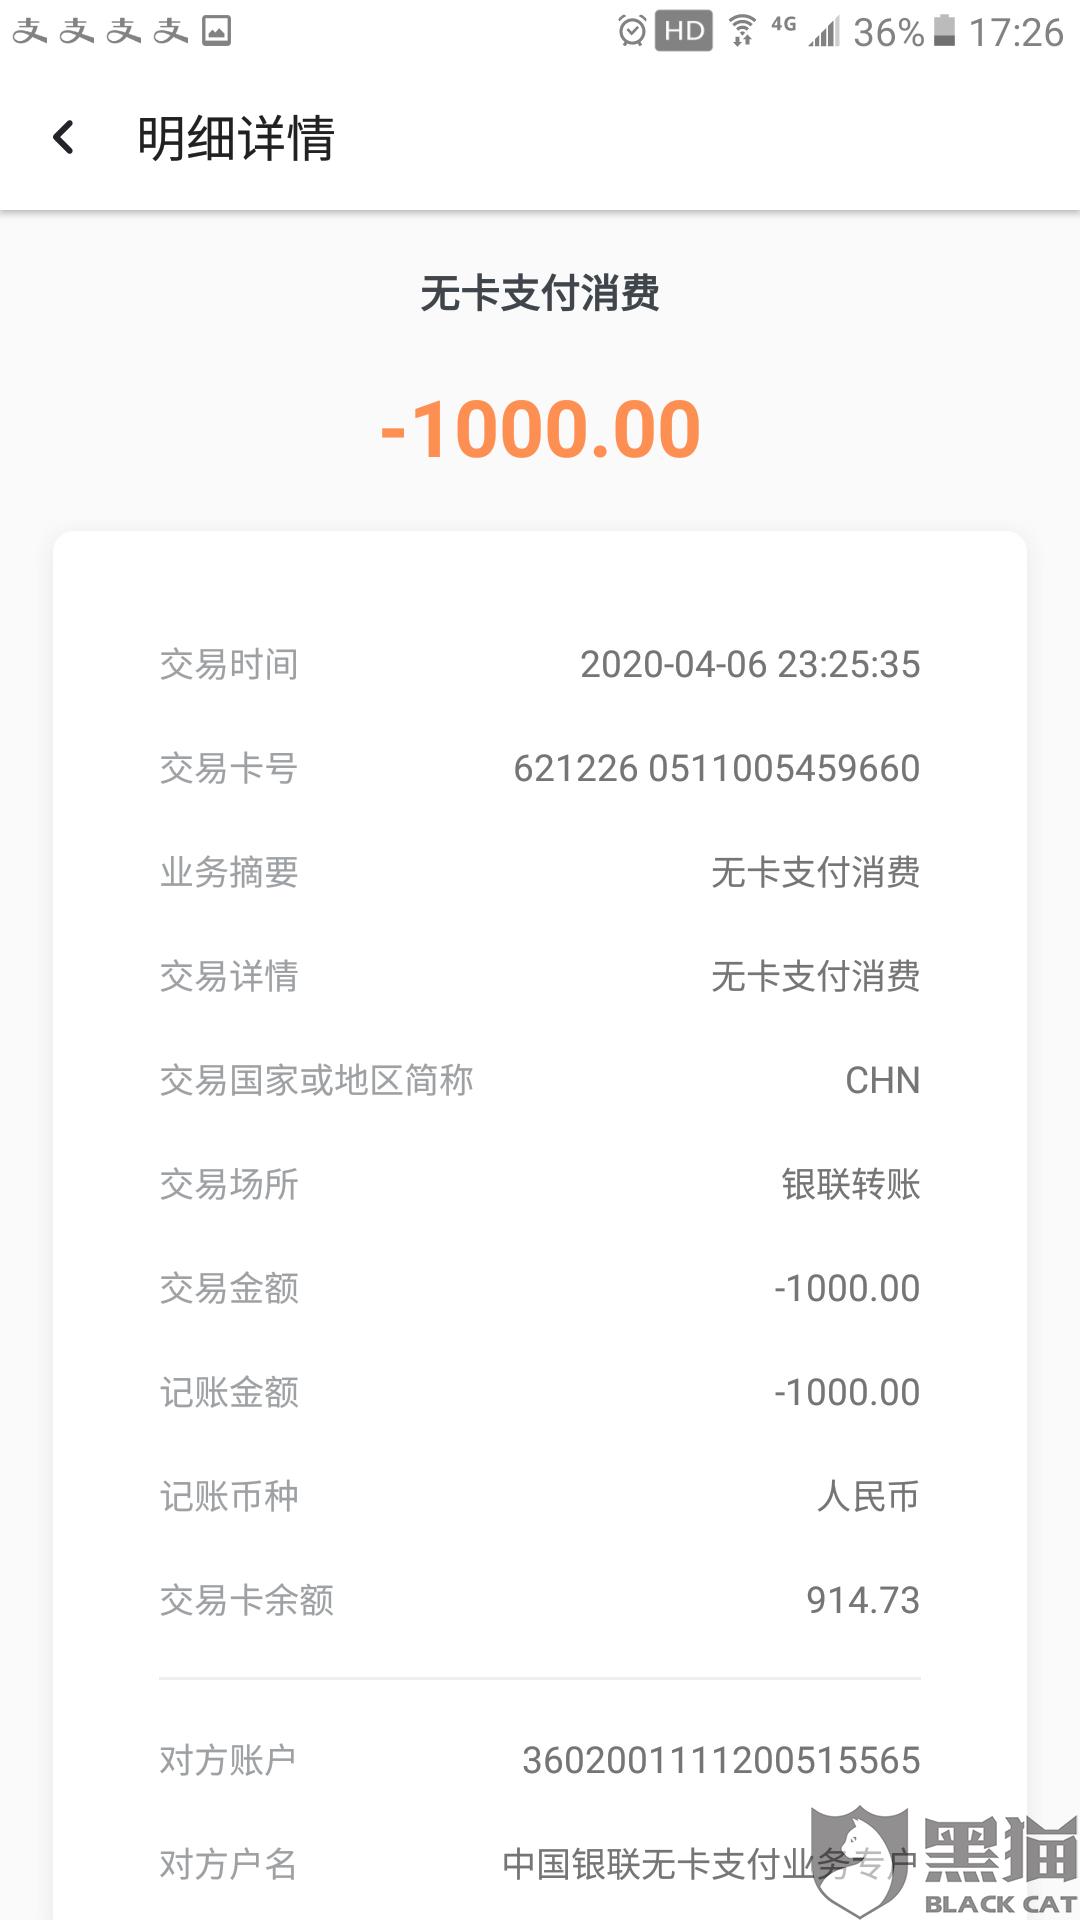 黑猫投诉:银联私自扣款工商银行卡被中国银联无卡支付业务专户三次扣走4000元